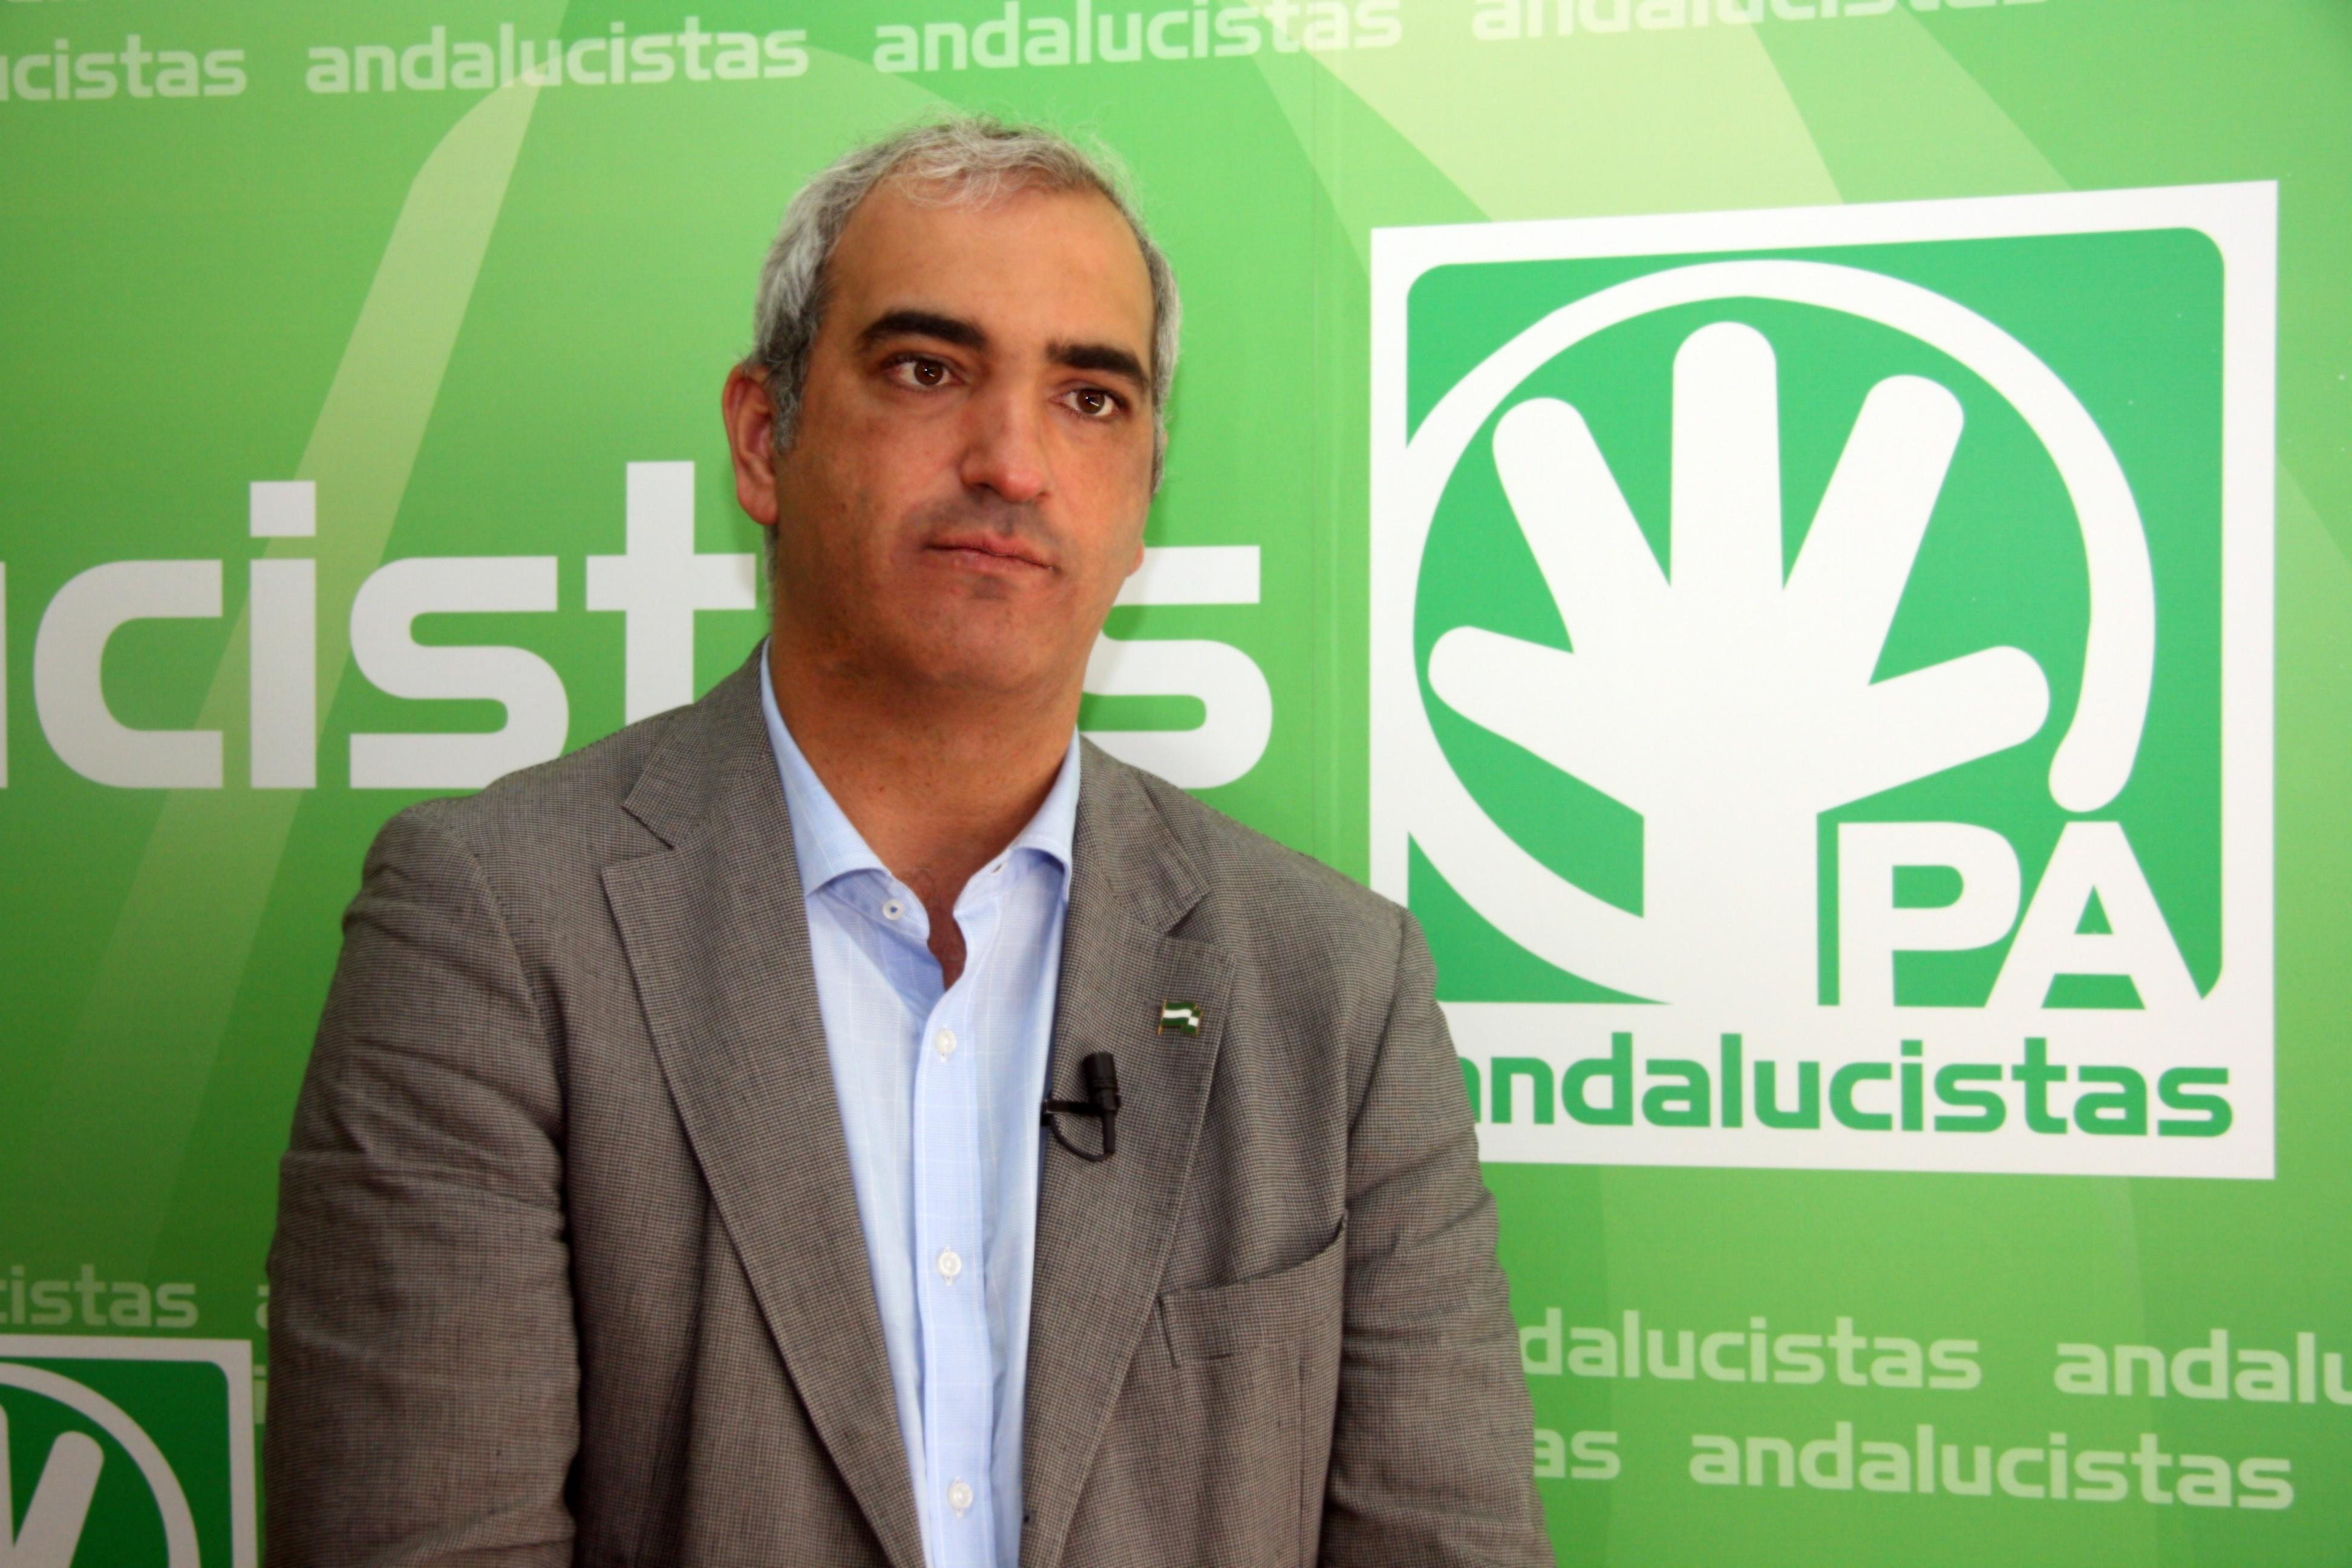 Antonio Jesús Ruiz y Sergio Flores se medirán en las primarias del PA para convertirse en el candidato a la Junta